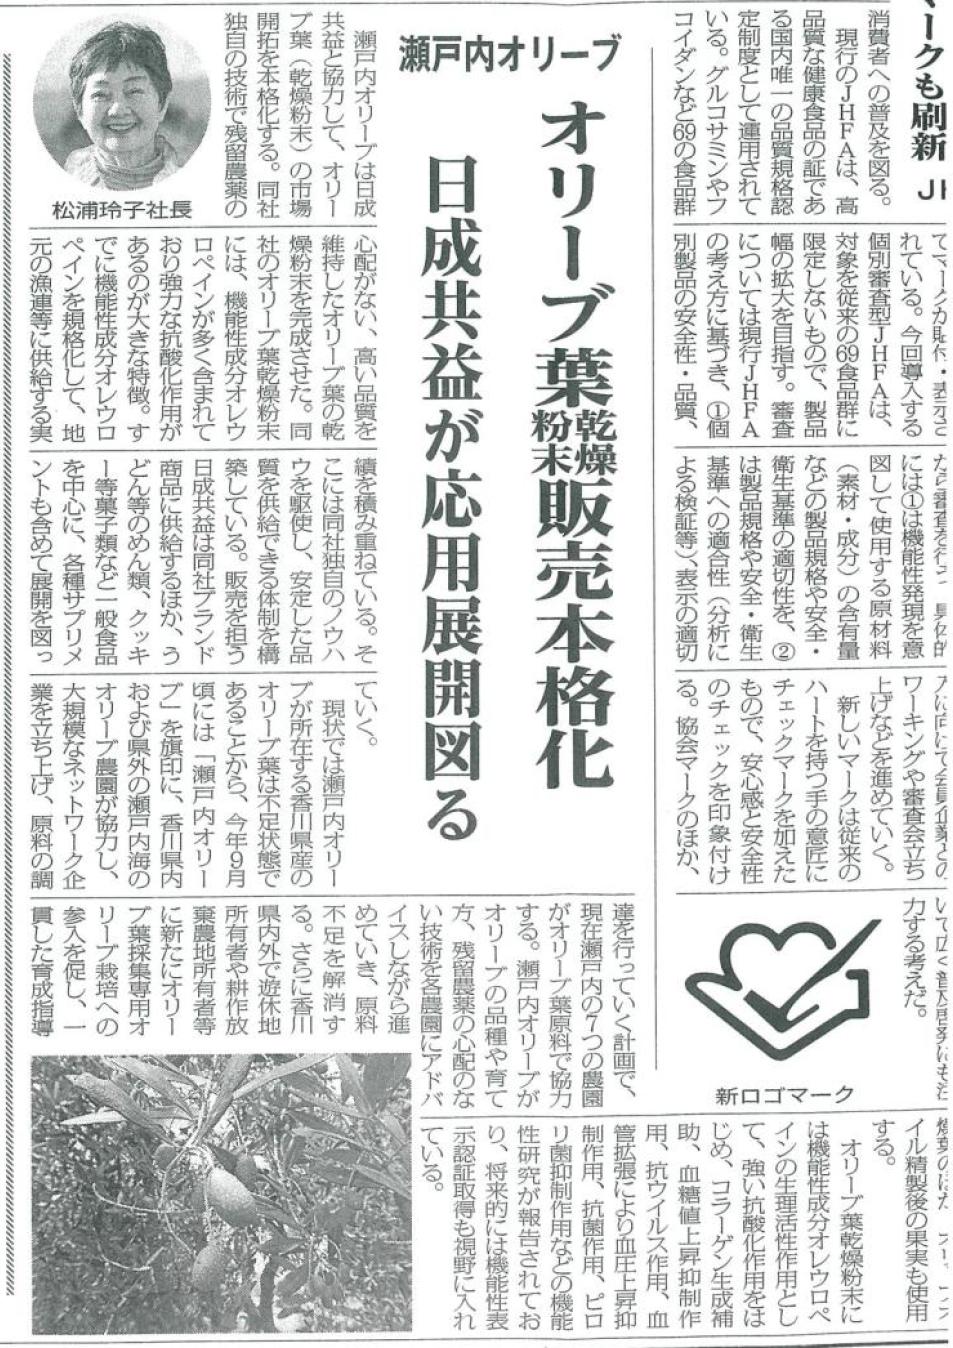 瀬戸内オリーブ新聞